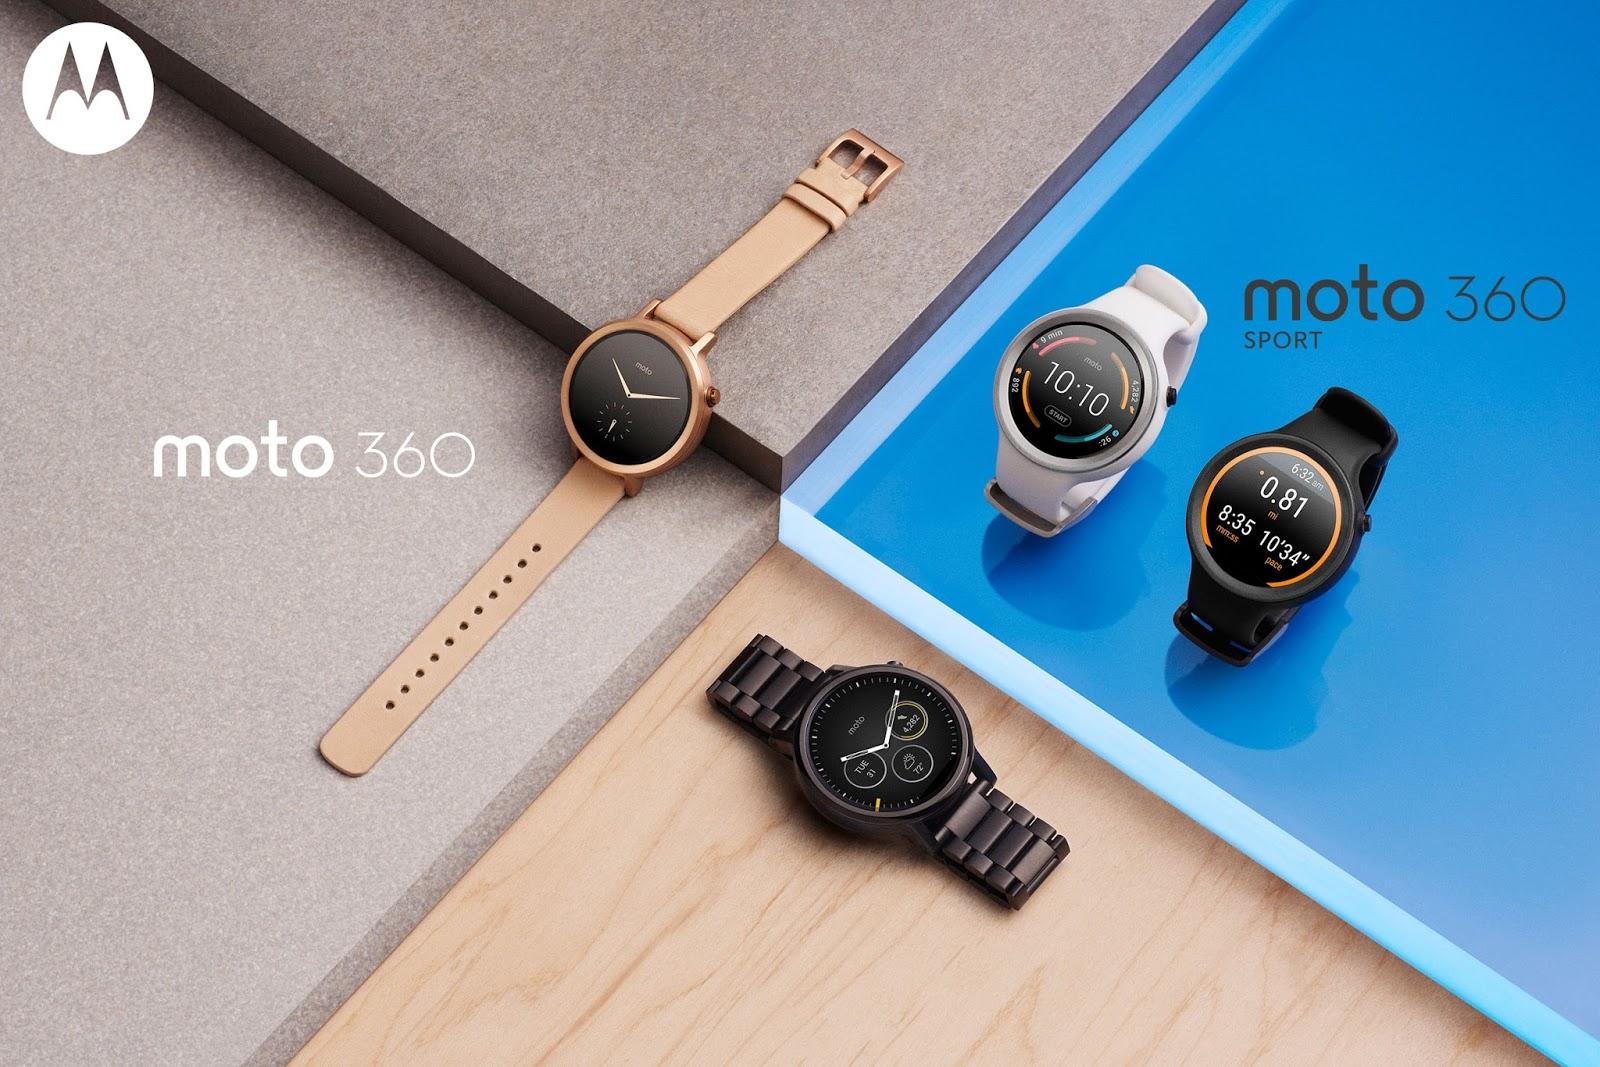 Smartwatches: Motorola stellt neue Moto 360 und Moto 360 Sport vor - Die neuen Moto-360-Modelle (Bild: Motorola)